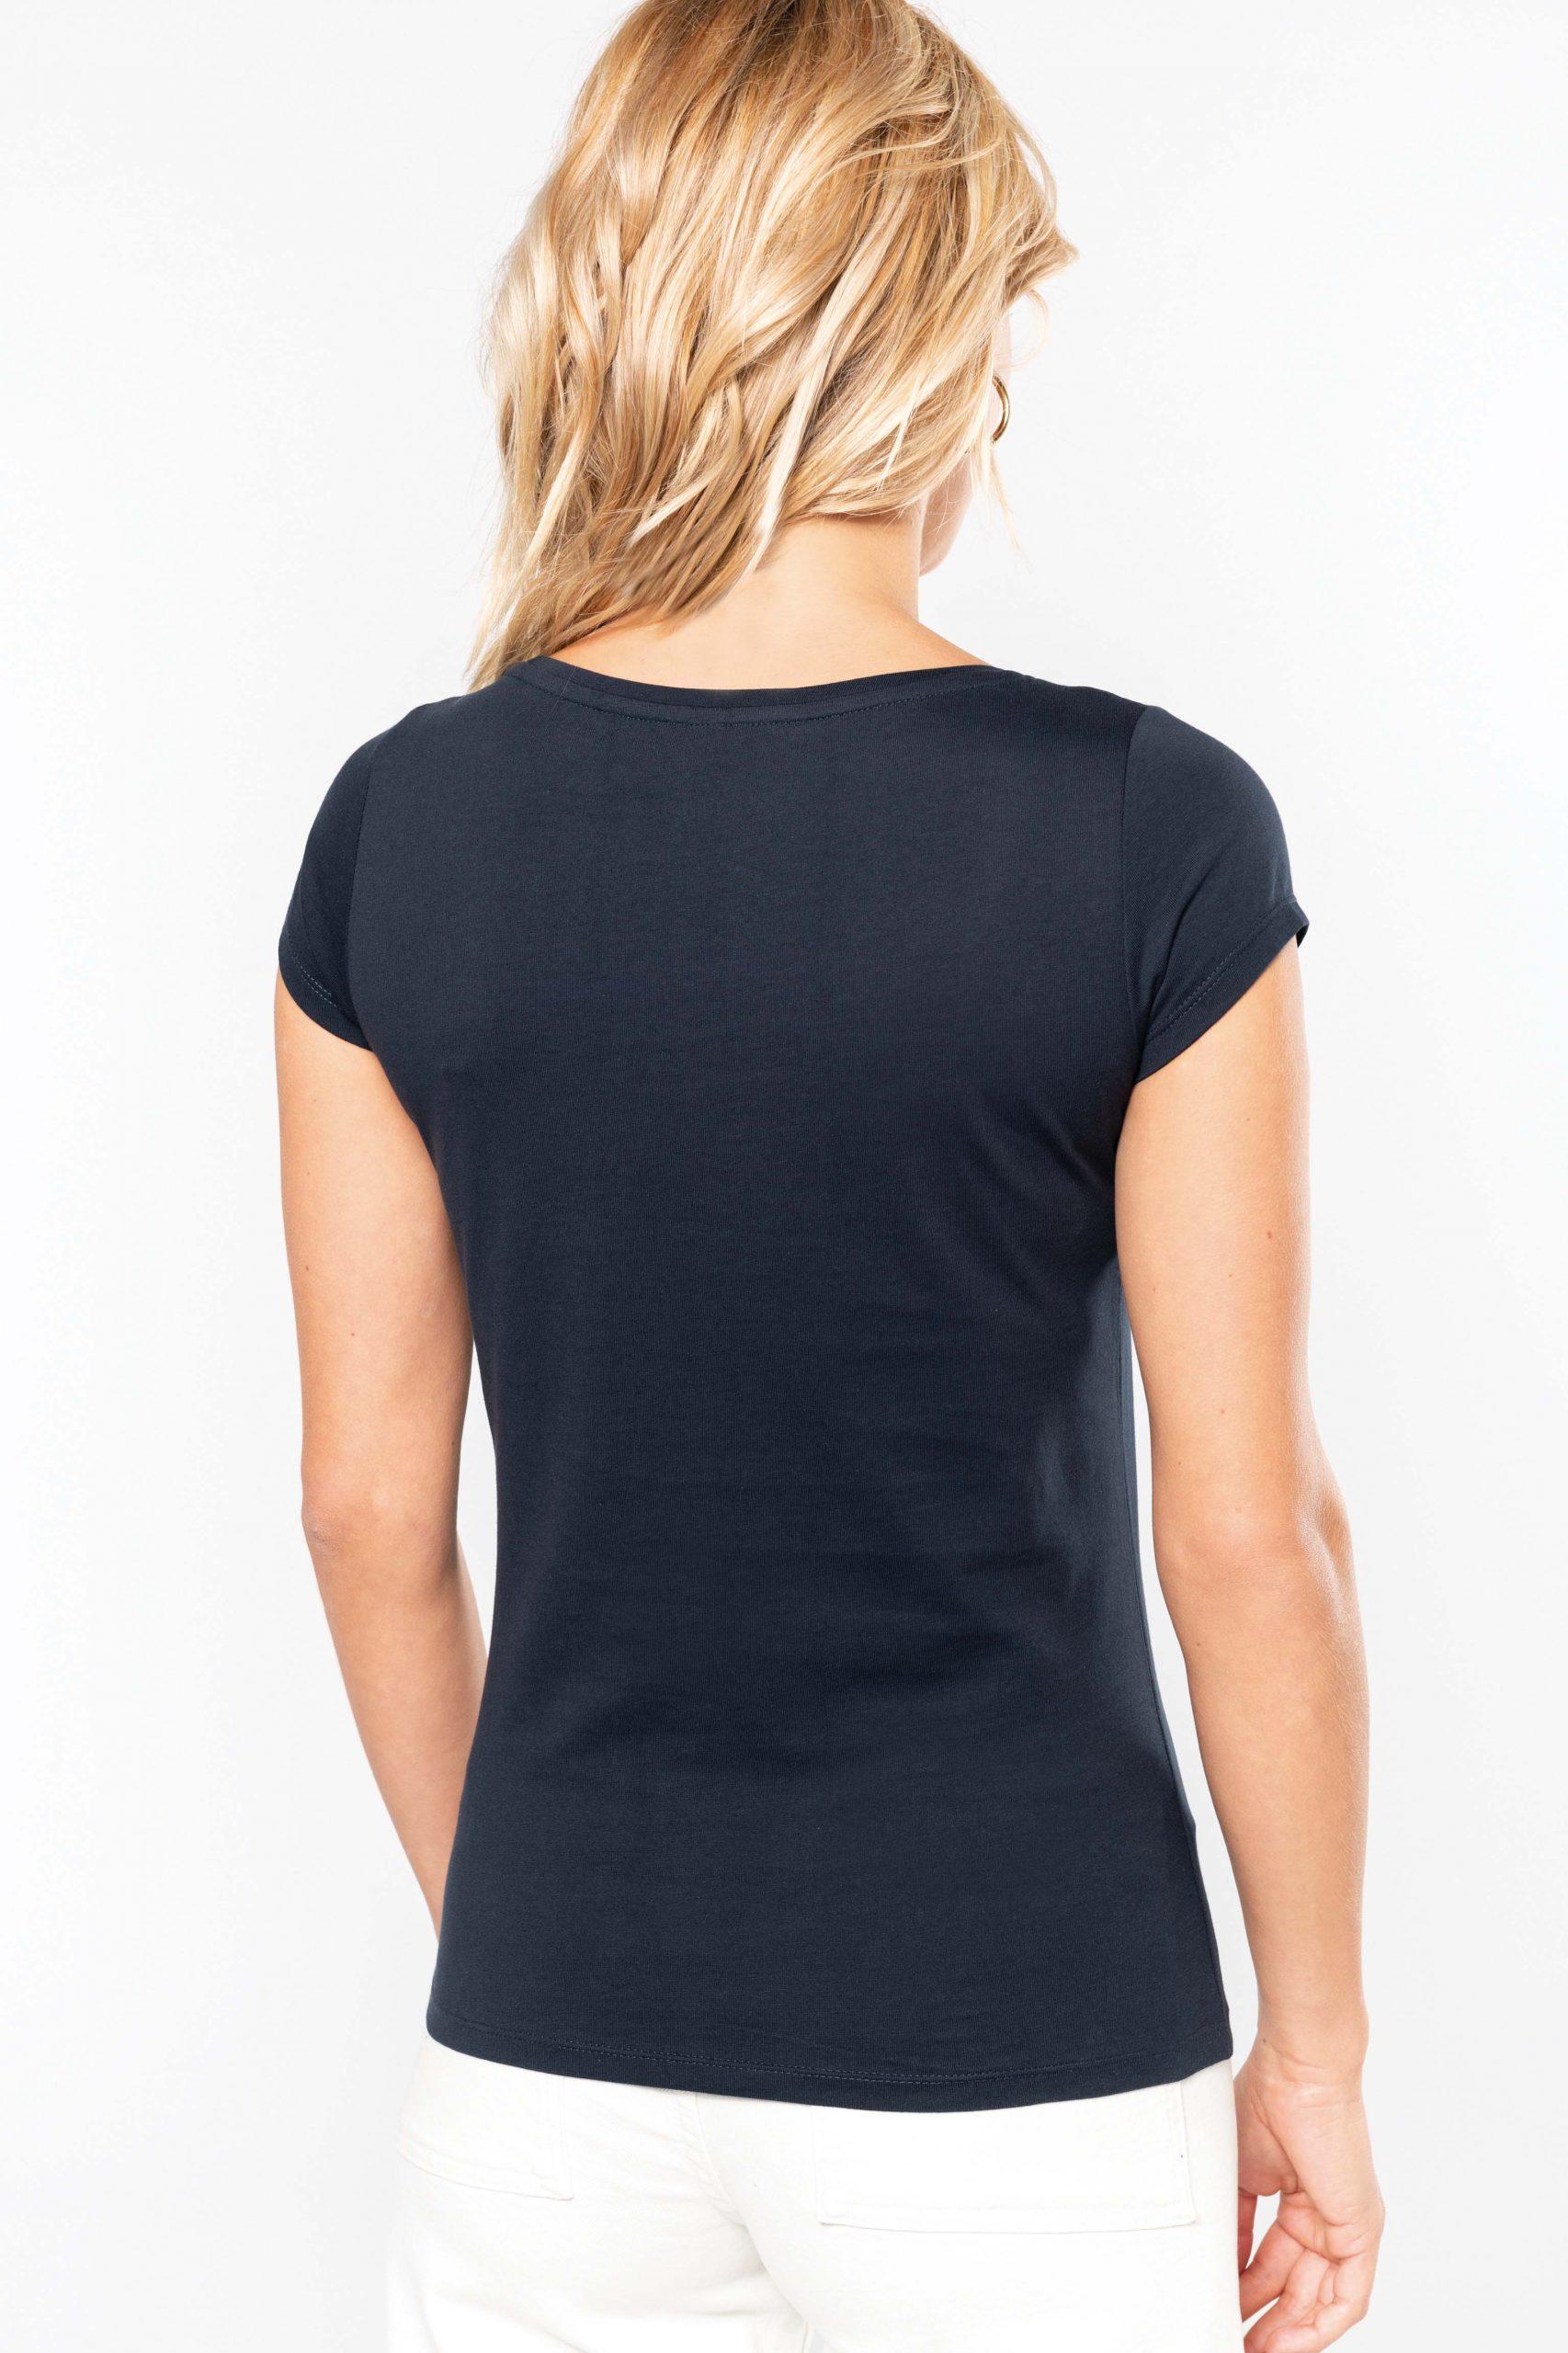 T-shirt Gekamd Enzymbehandeld Katoen en Boothals Women